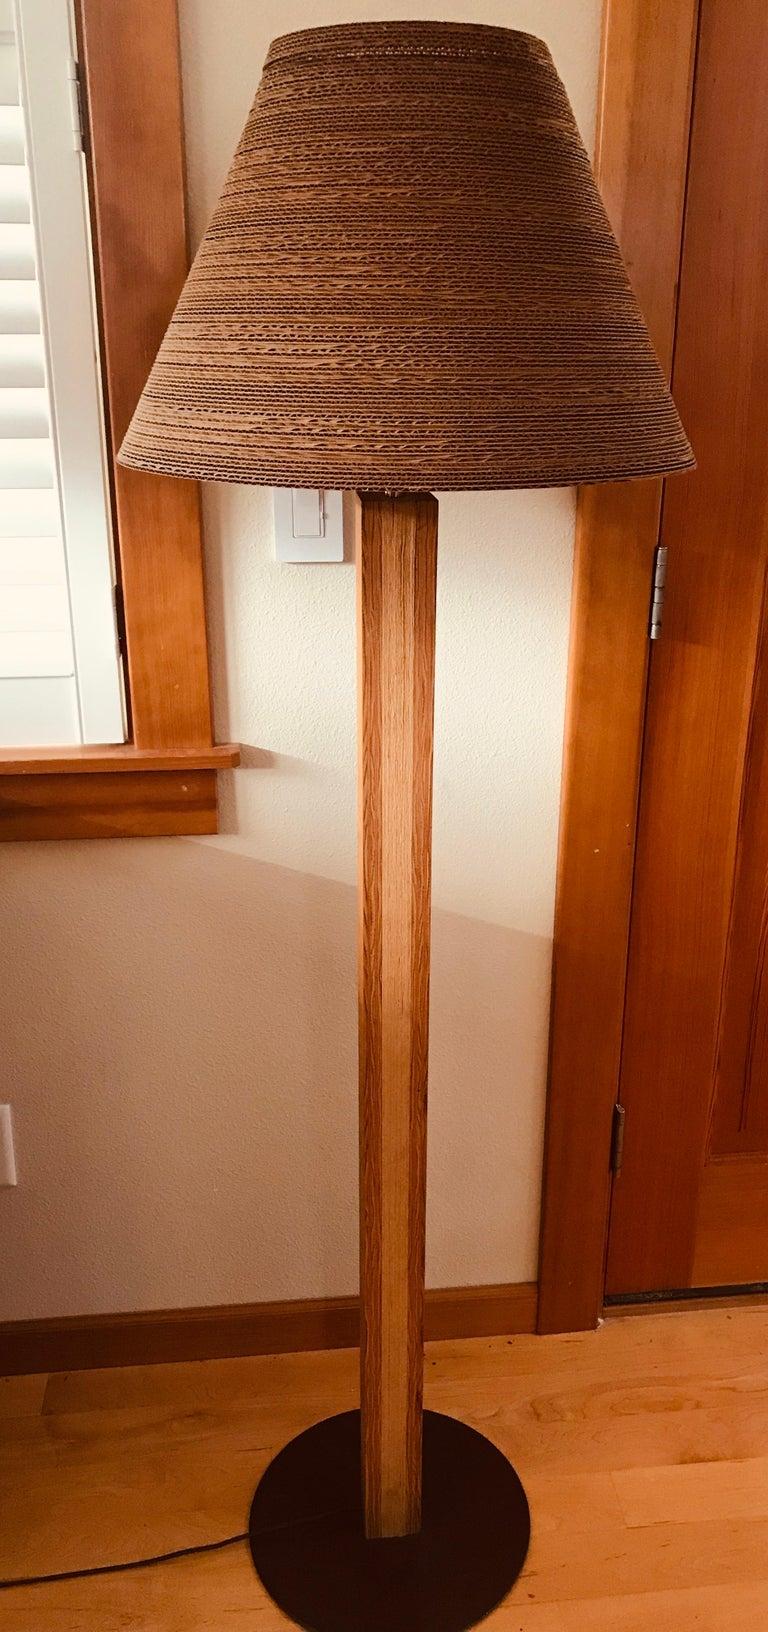 Pair of Gregory Van Pelt Gehry 1970s Floor Lamps For Sale 5